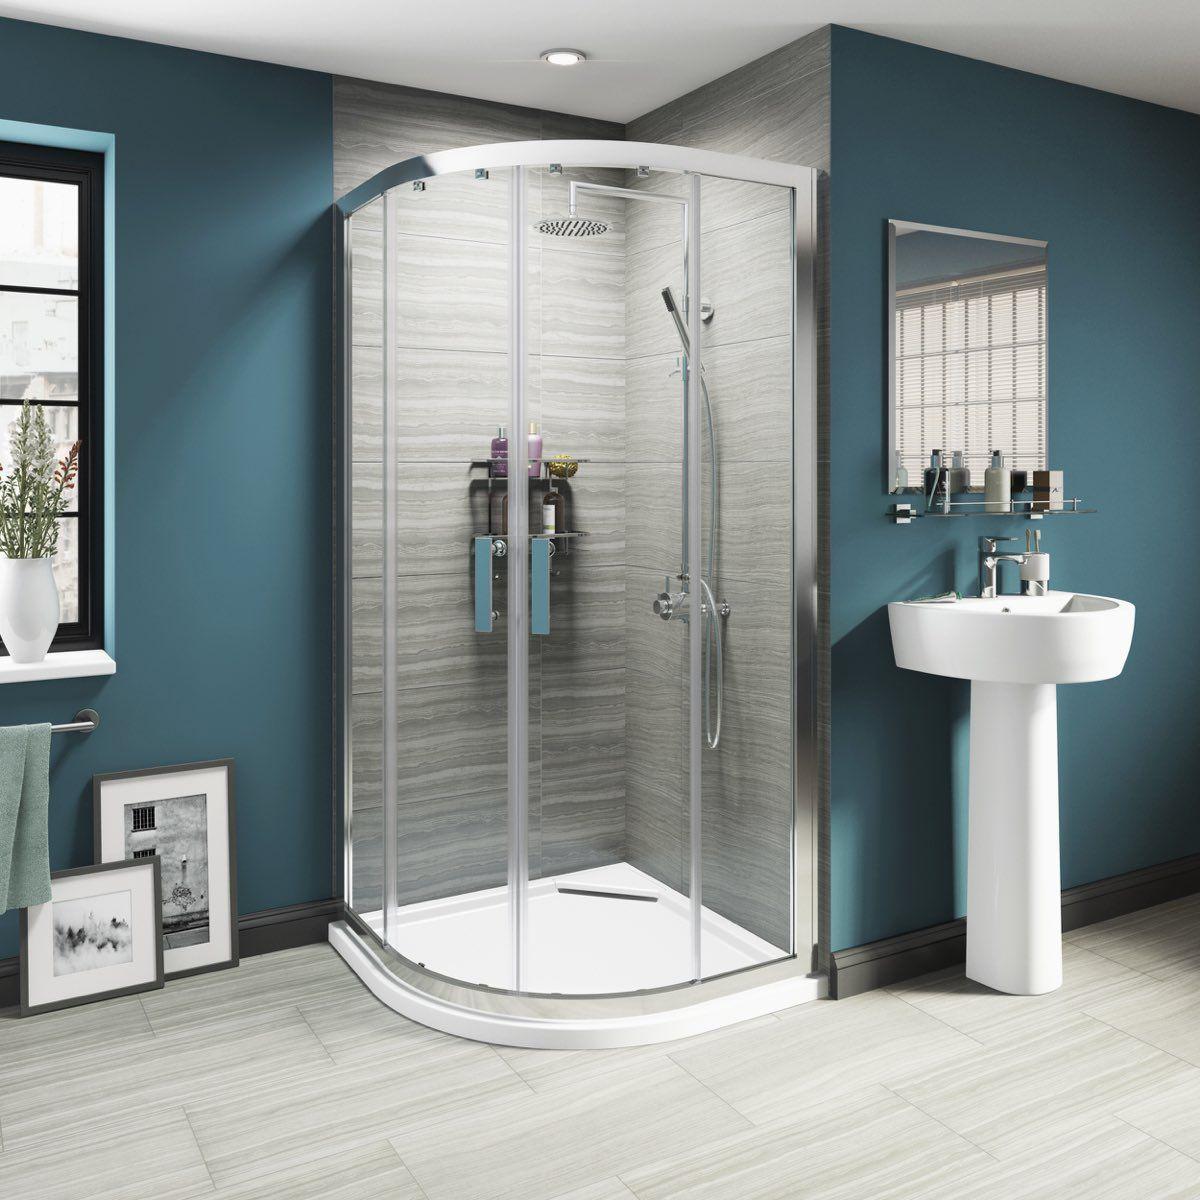 Luxury 8mm sliding door quadrant shower enclosure 1000 X 1000